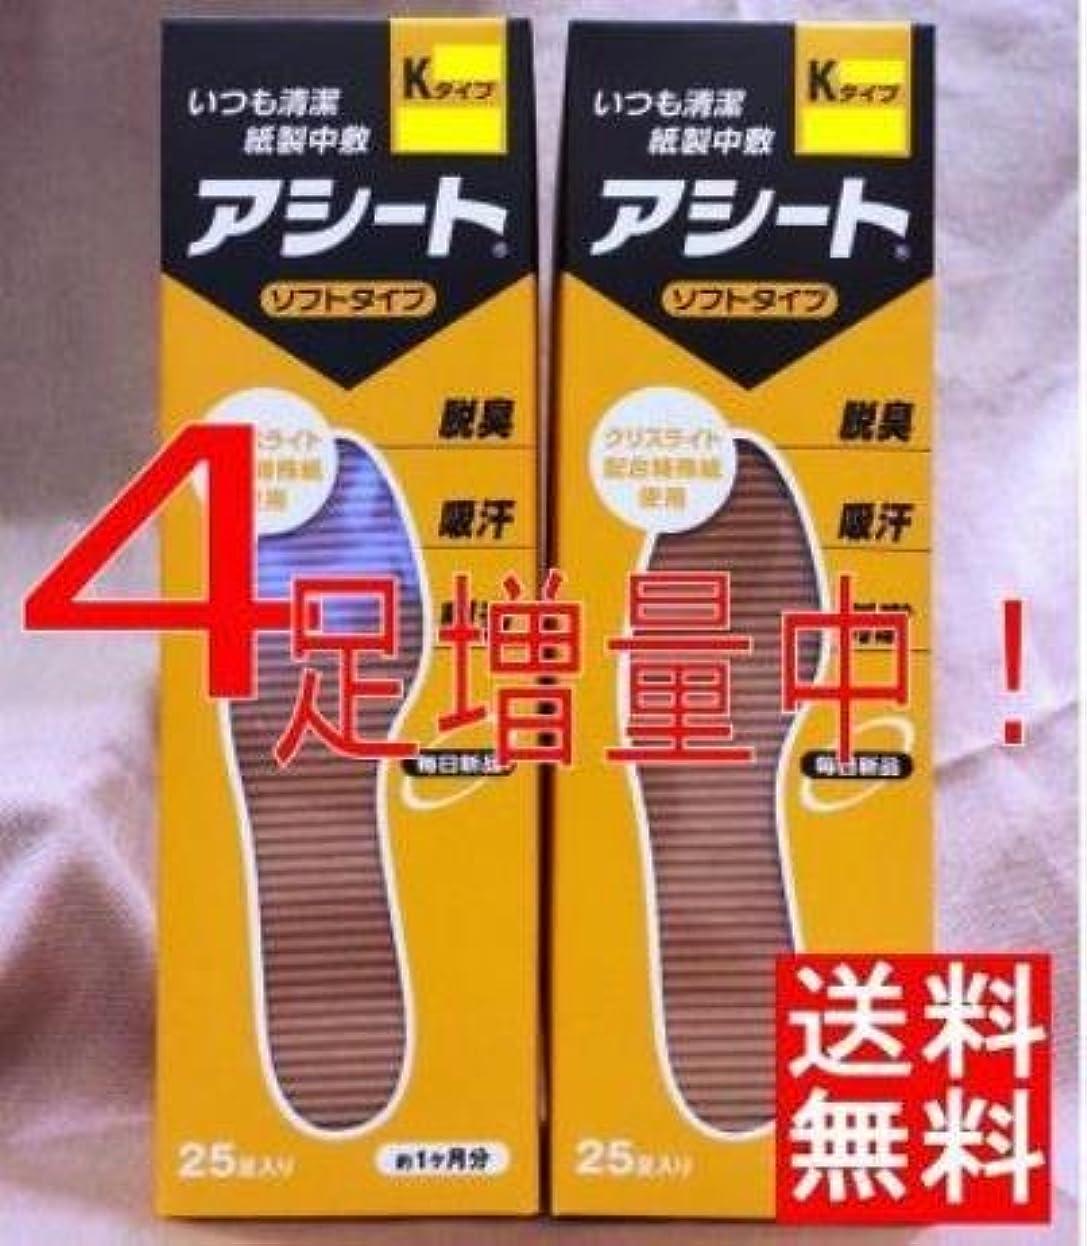 興奮抽象化ハプニングアシートK(サイズ25cm)×2箱セット(4足増量中)